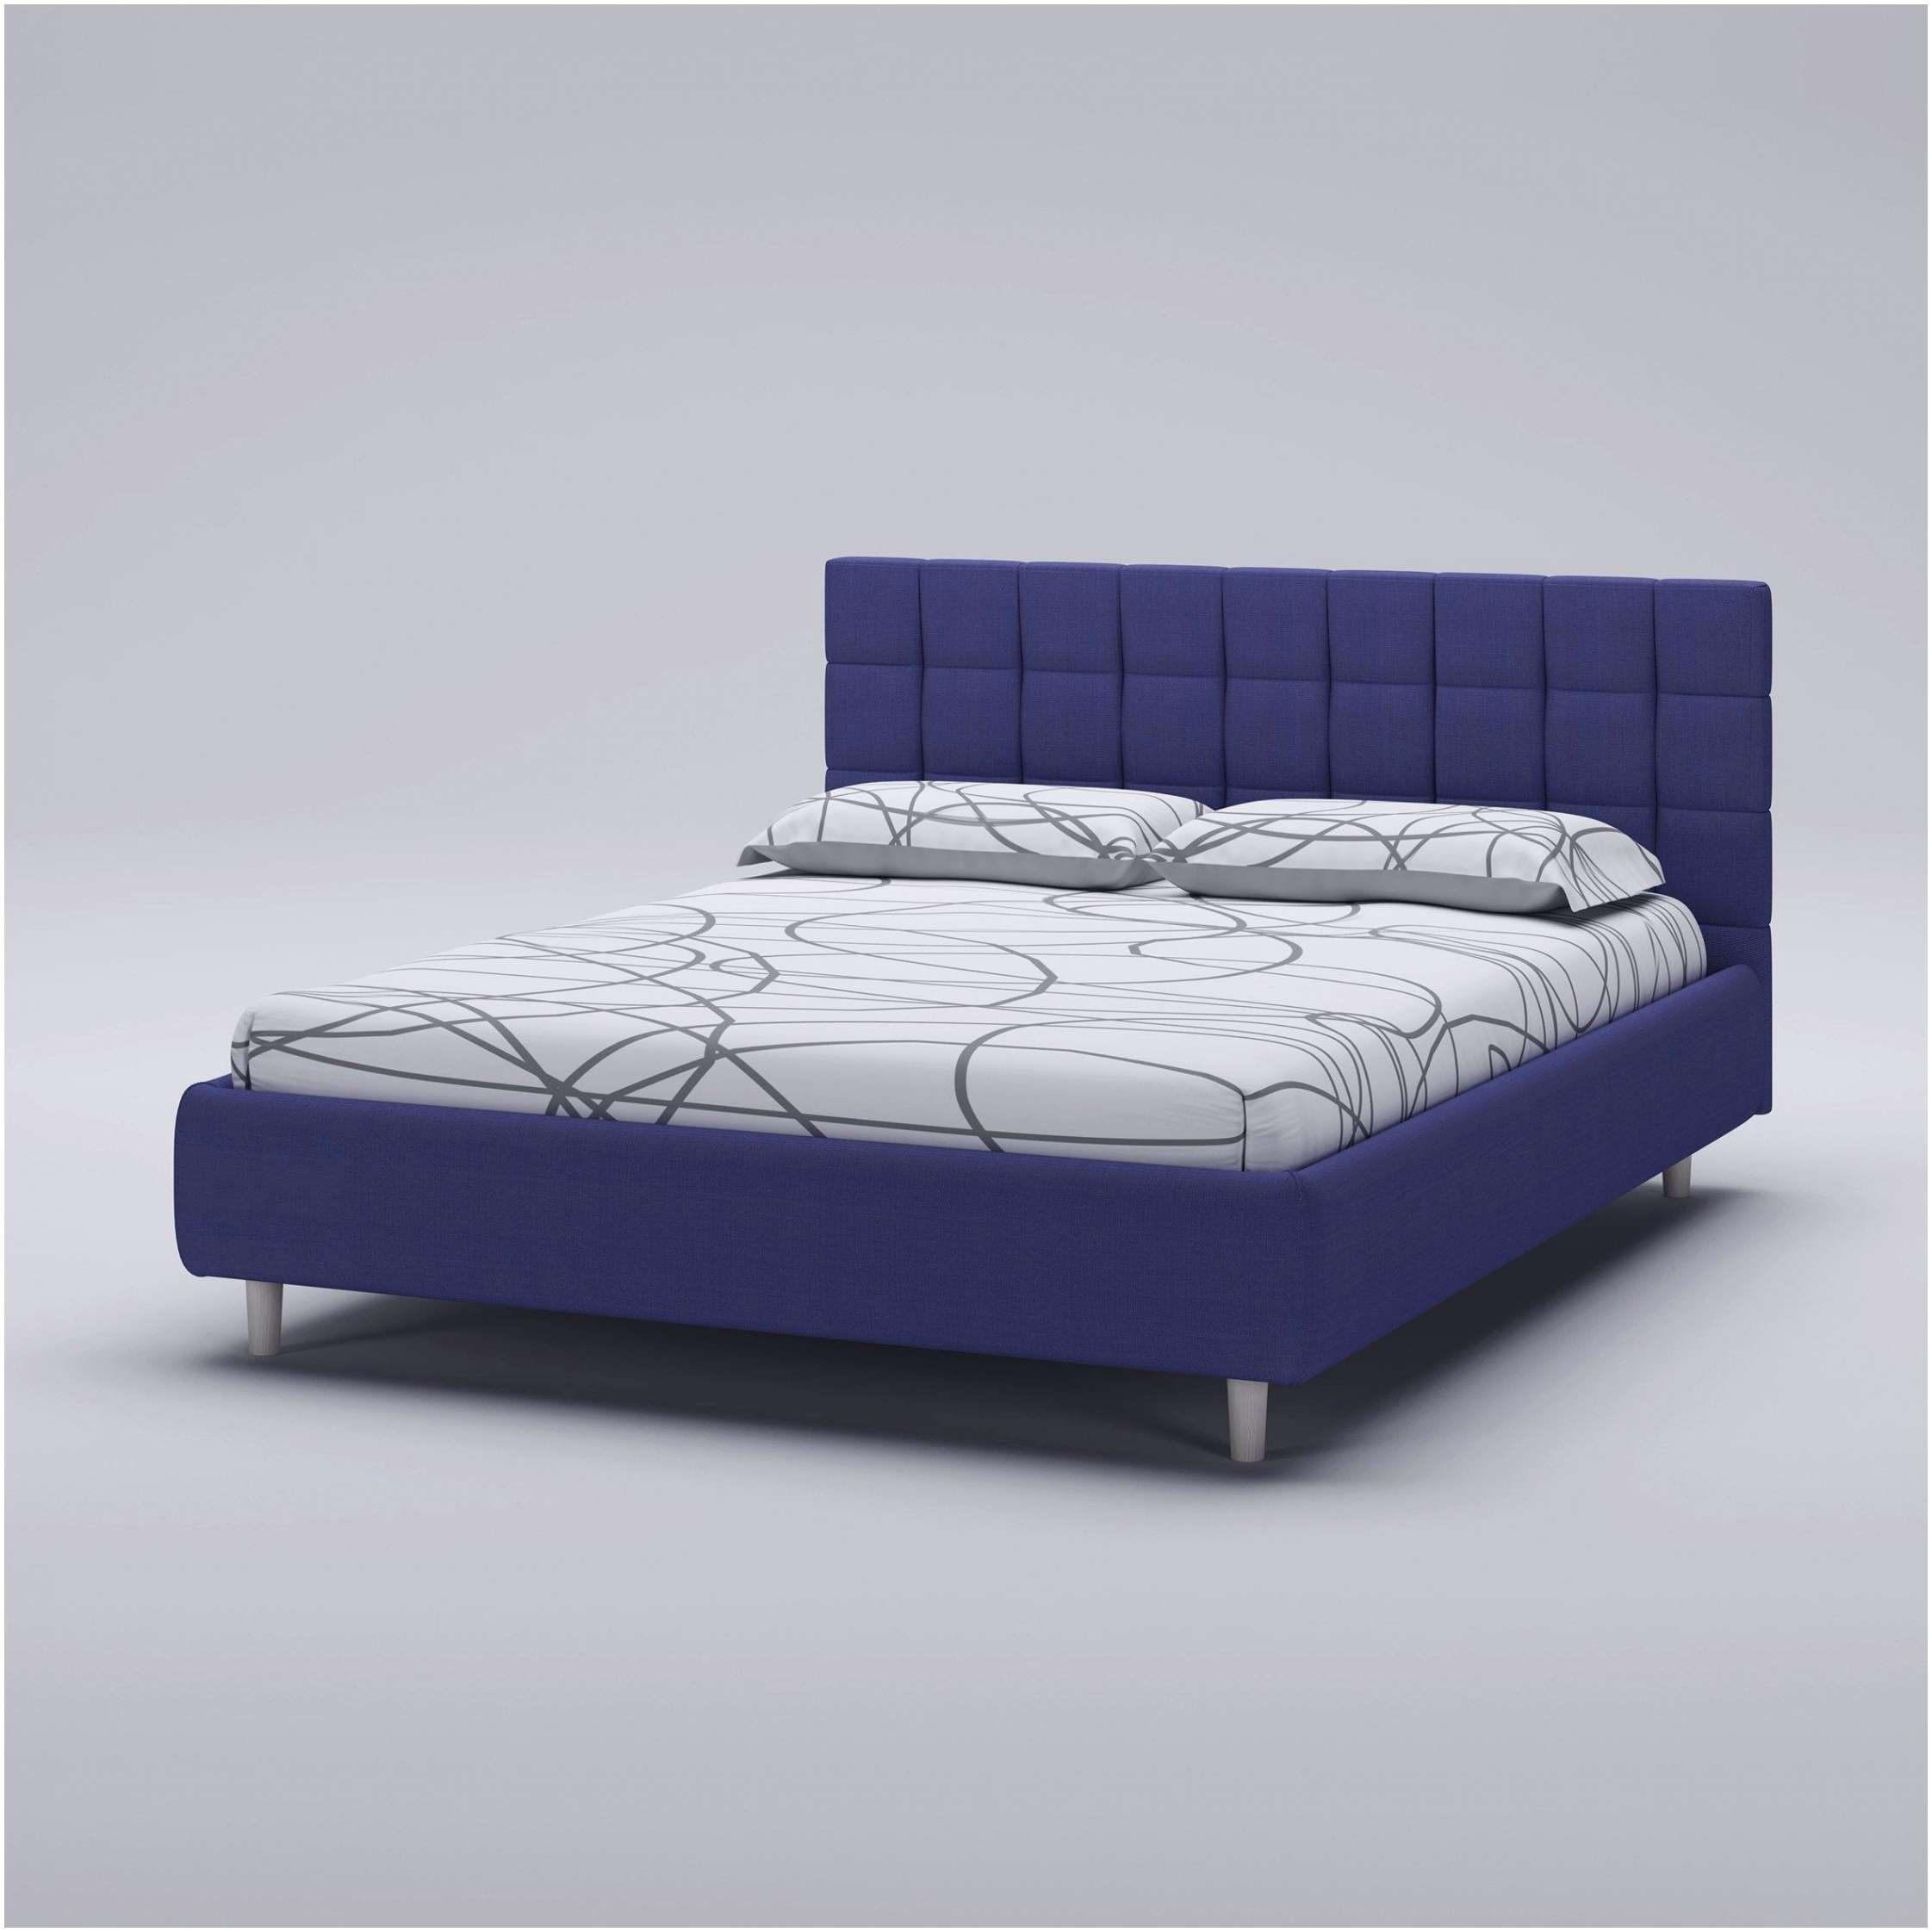 Tete De Lit Ikea Malm Magnifique Impressionnant Ikea Bedden 160 X 200 Luxe Bett Ikea 200—200 Schön